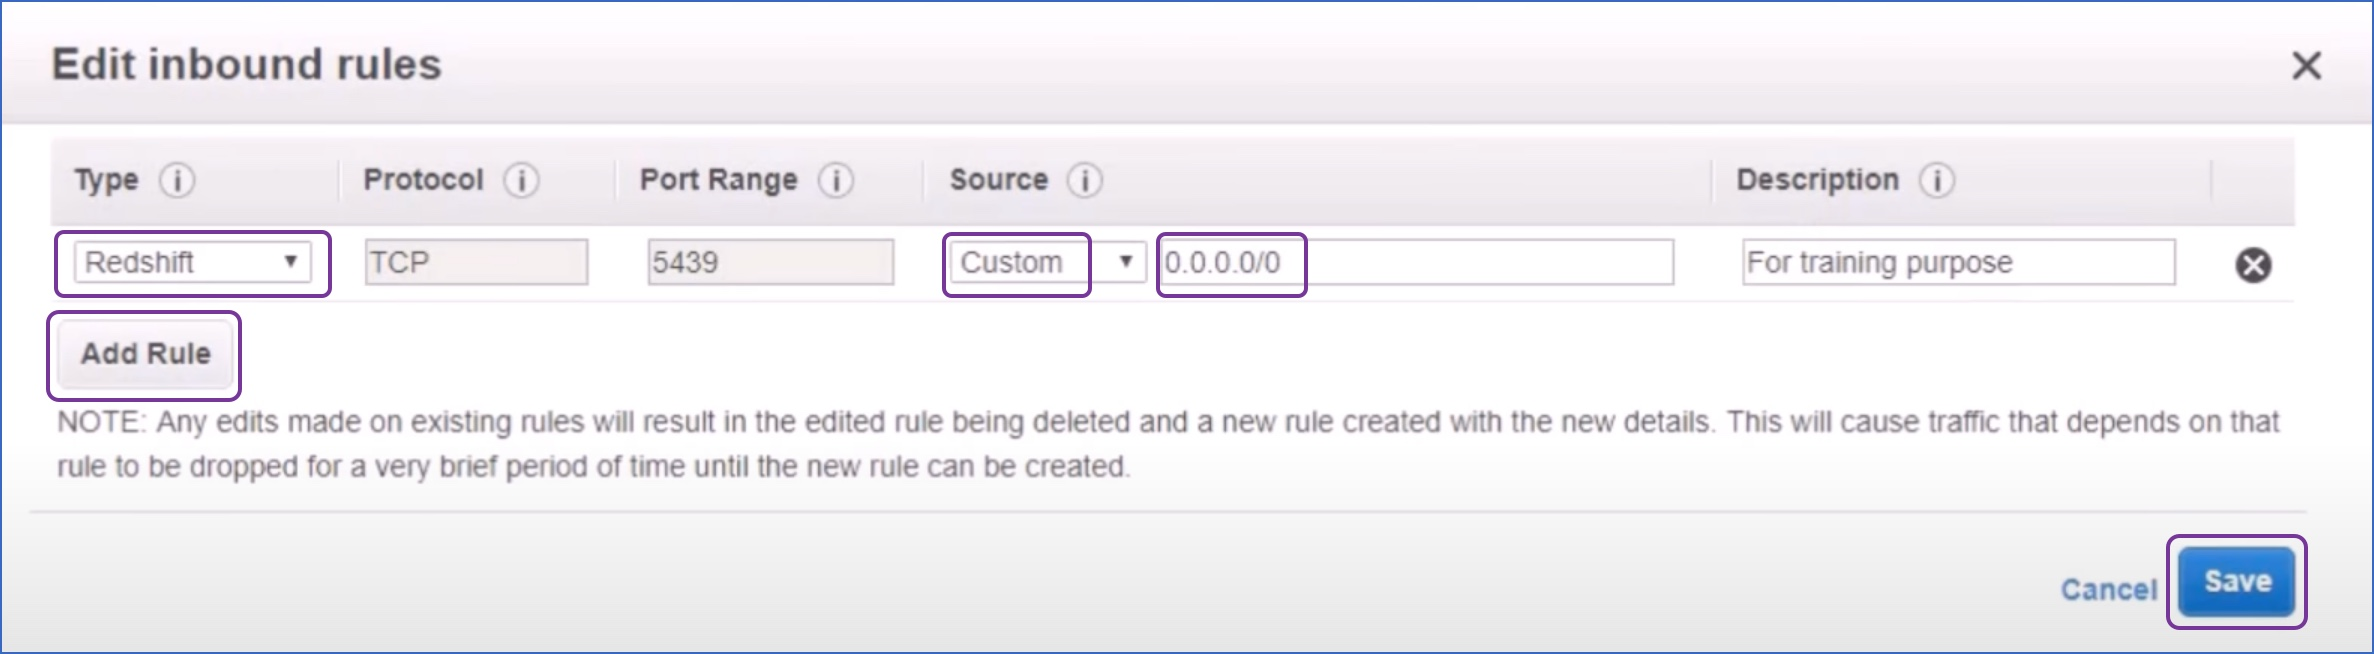 Edit inbound rules